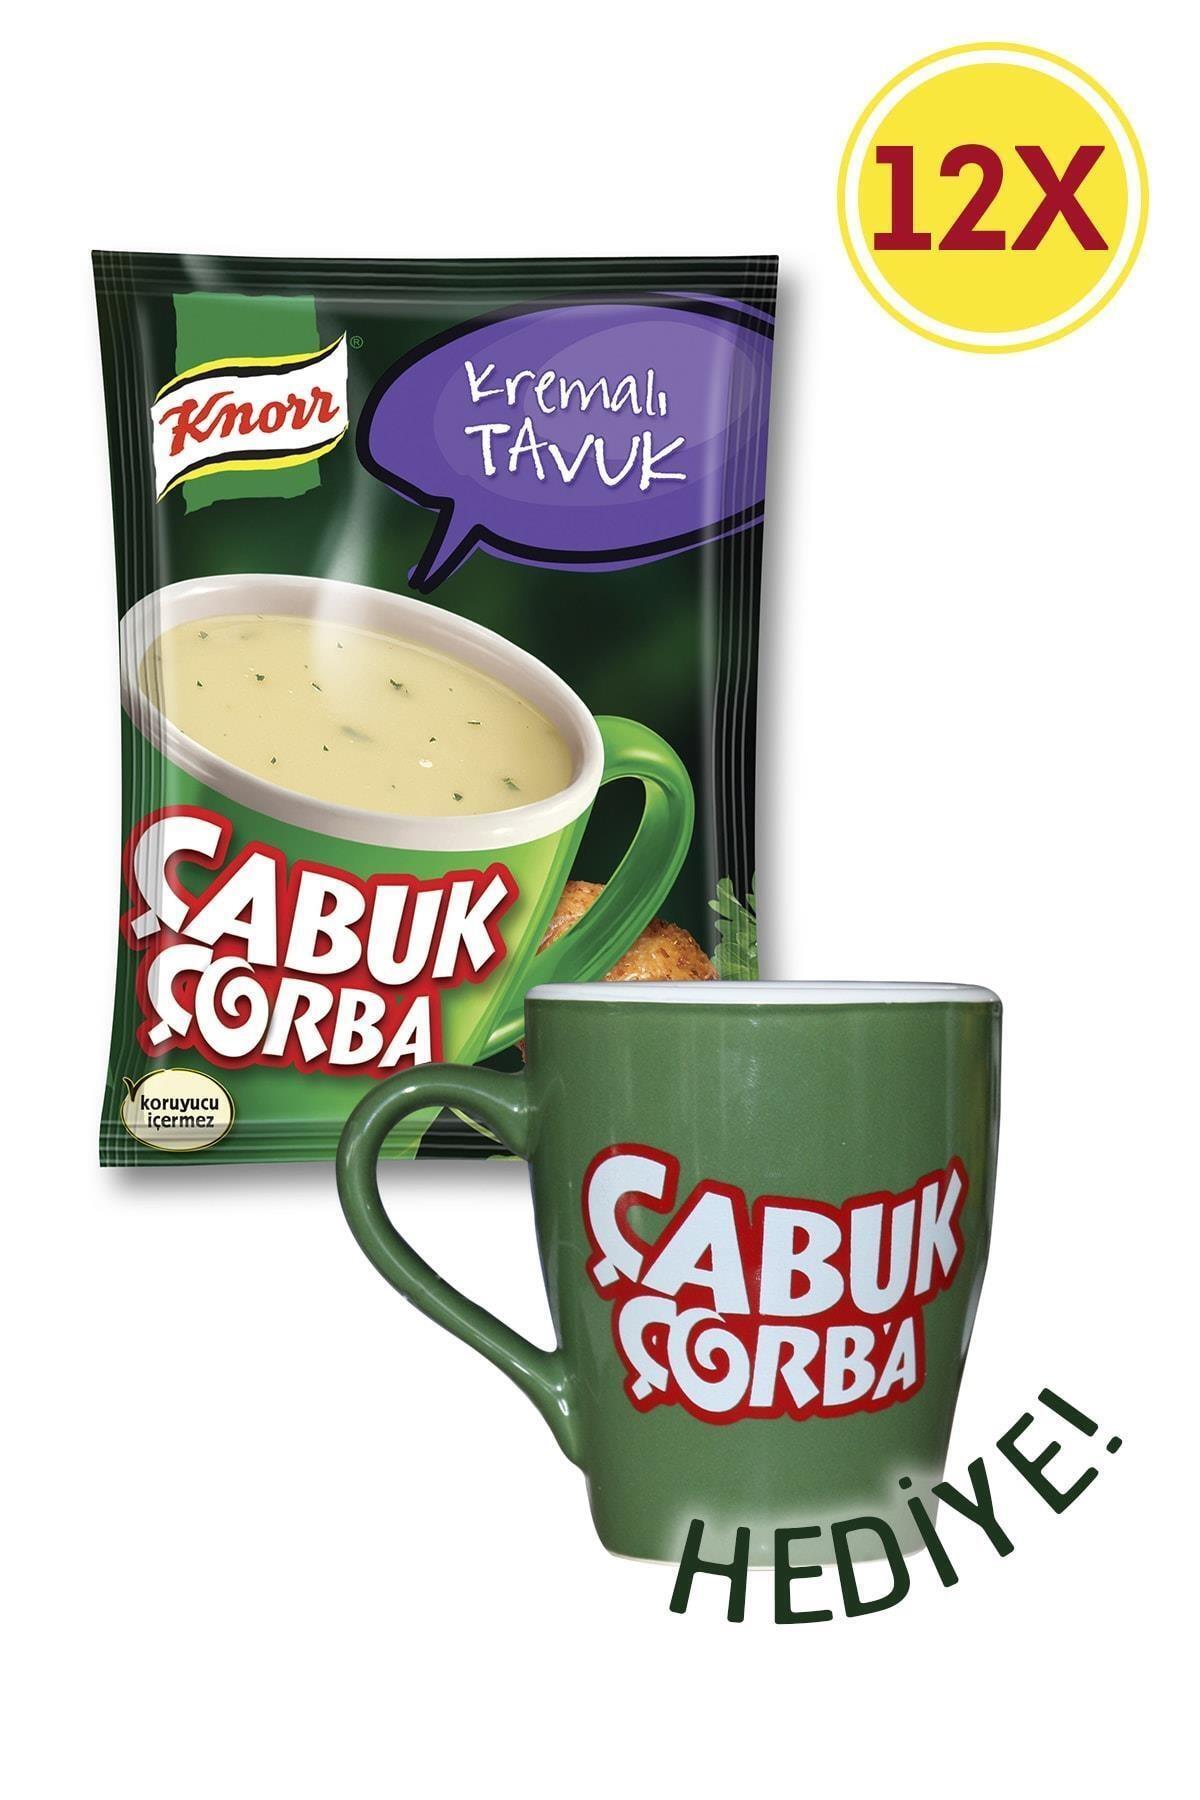 Knorr Çabuk Çorba Kremalı Tavuk X 12 + Porselen Kupa Hediyeli 1